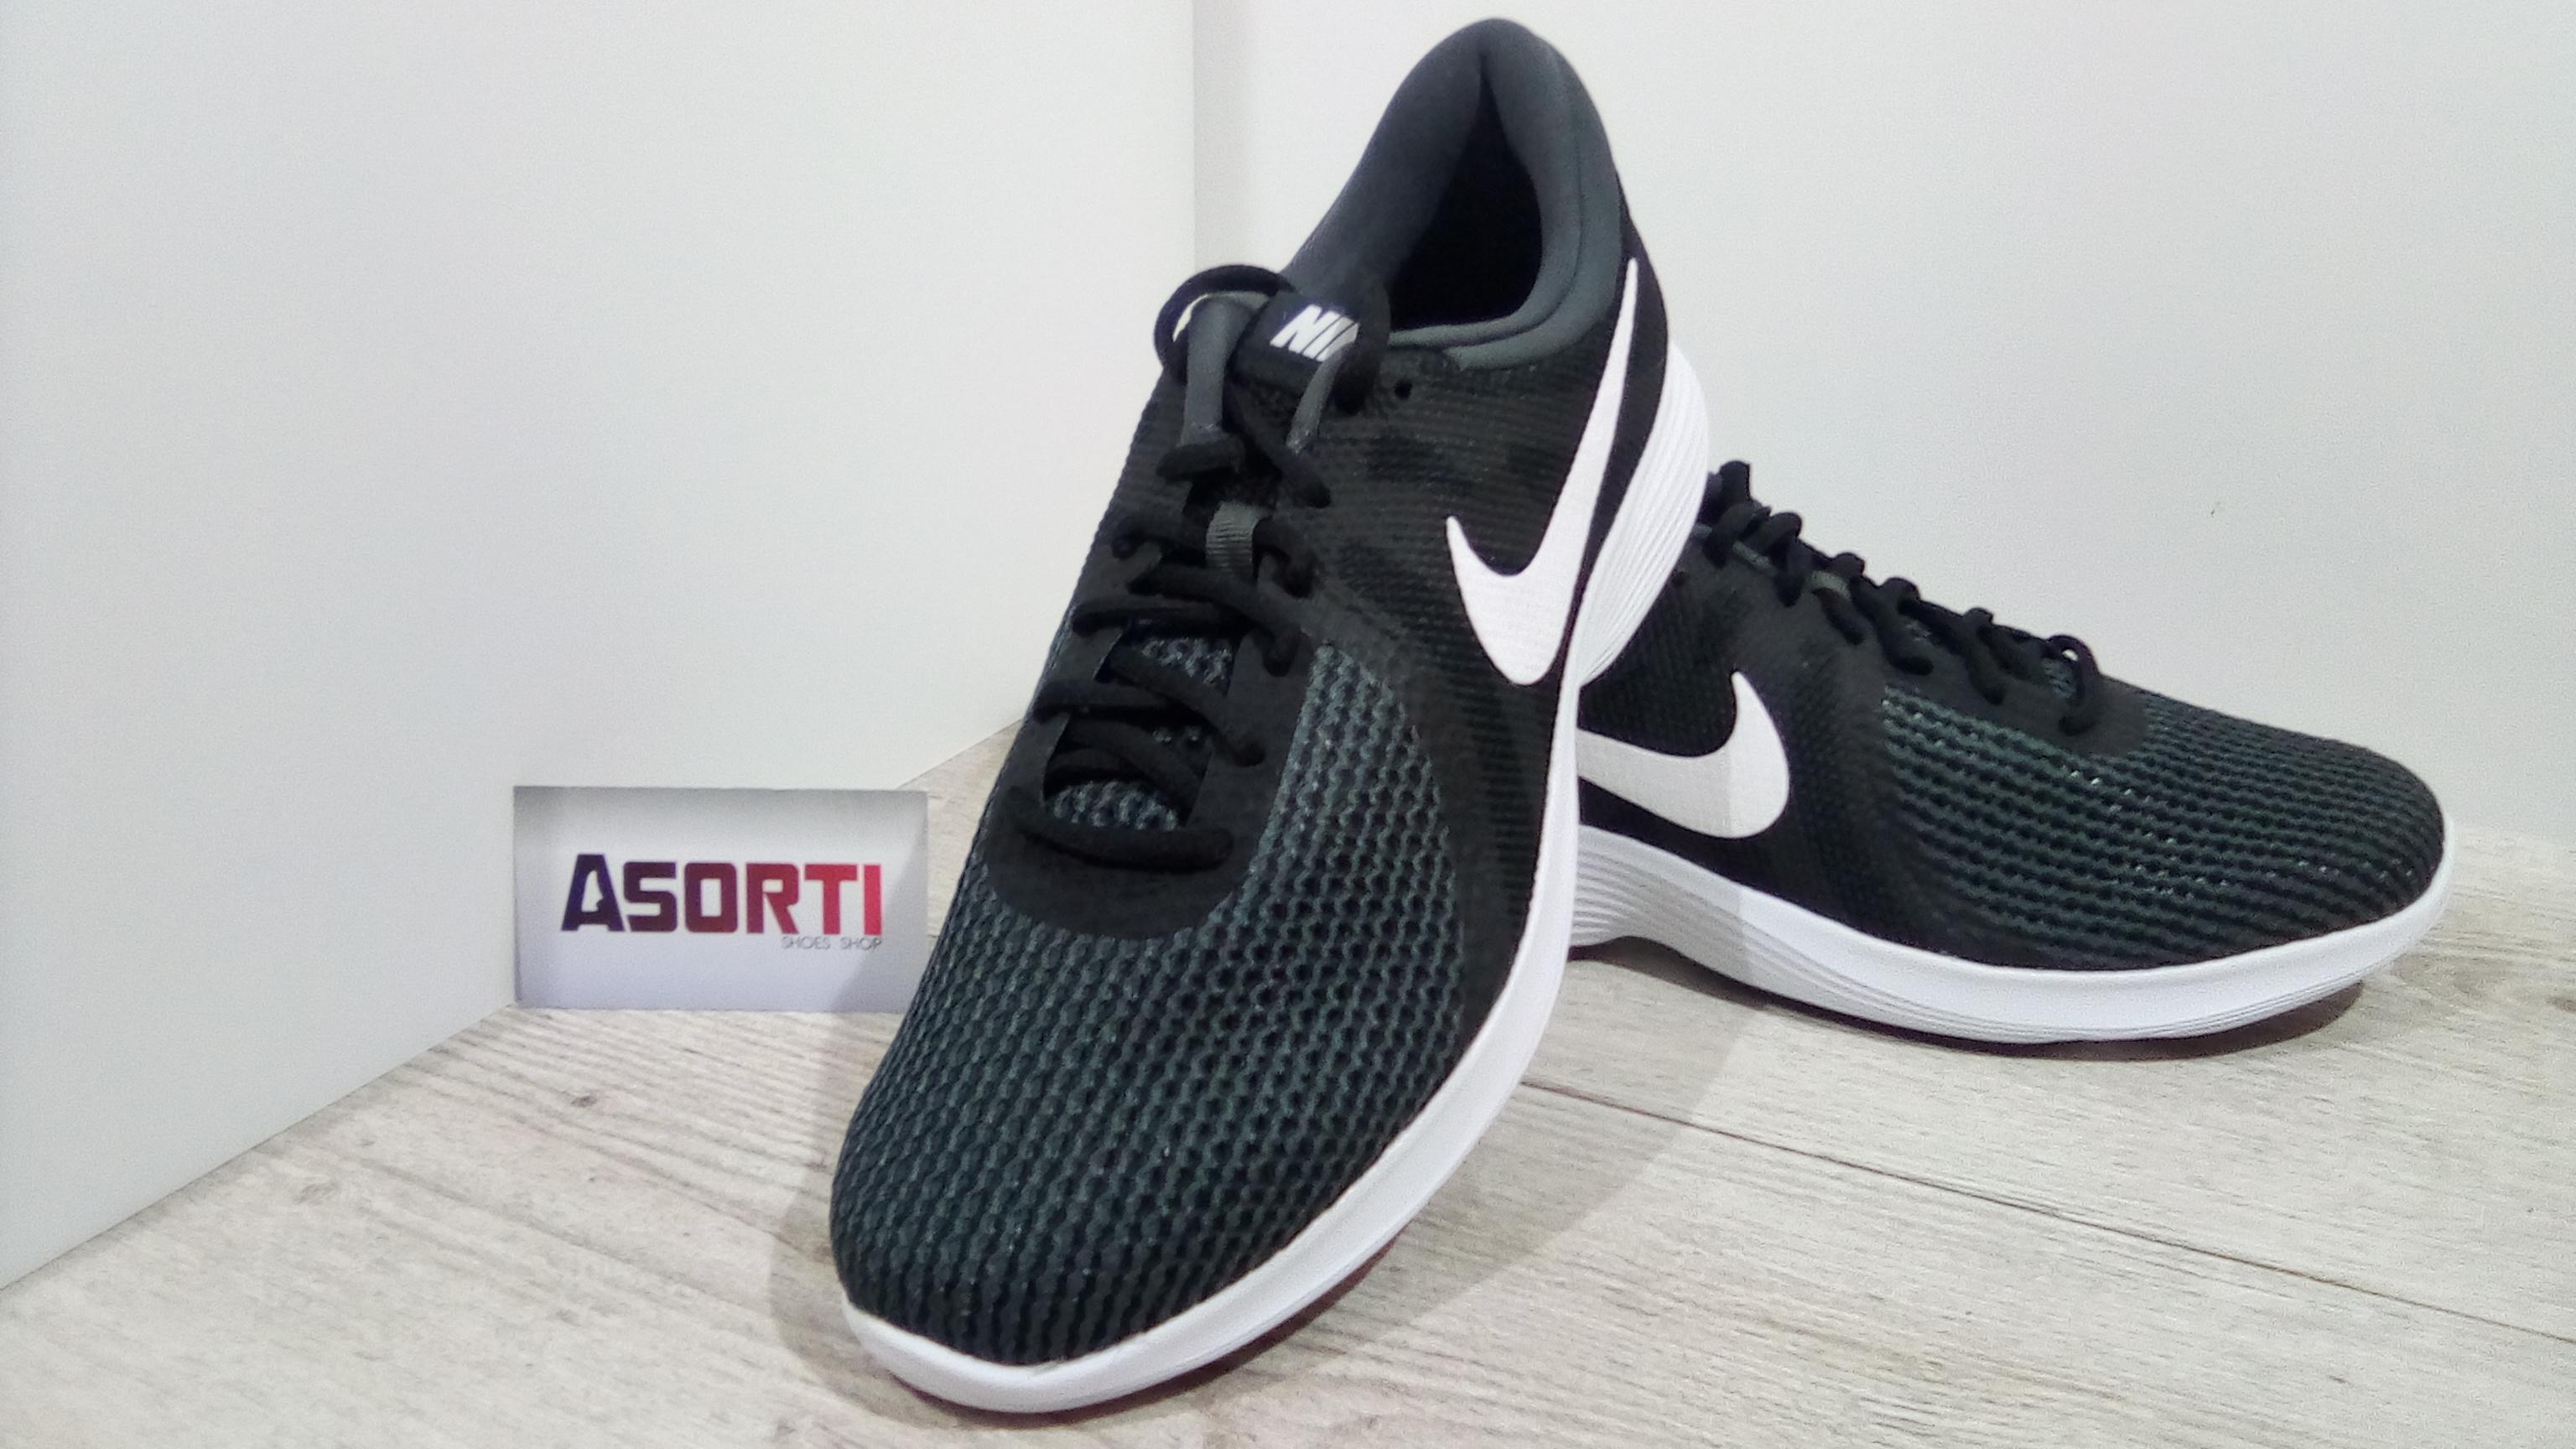 835f2665de3bf7 Чоловічі бігові кросівки Nike Revolution 4 EU (AJ3490-001) чорні ...